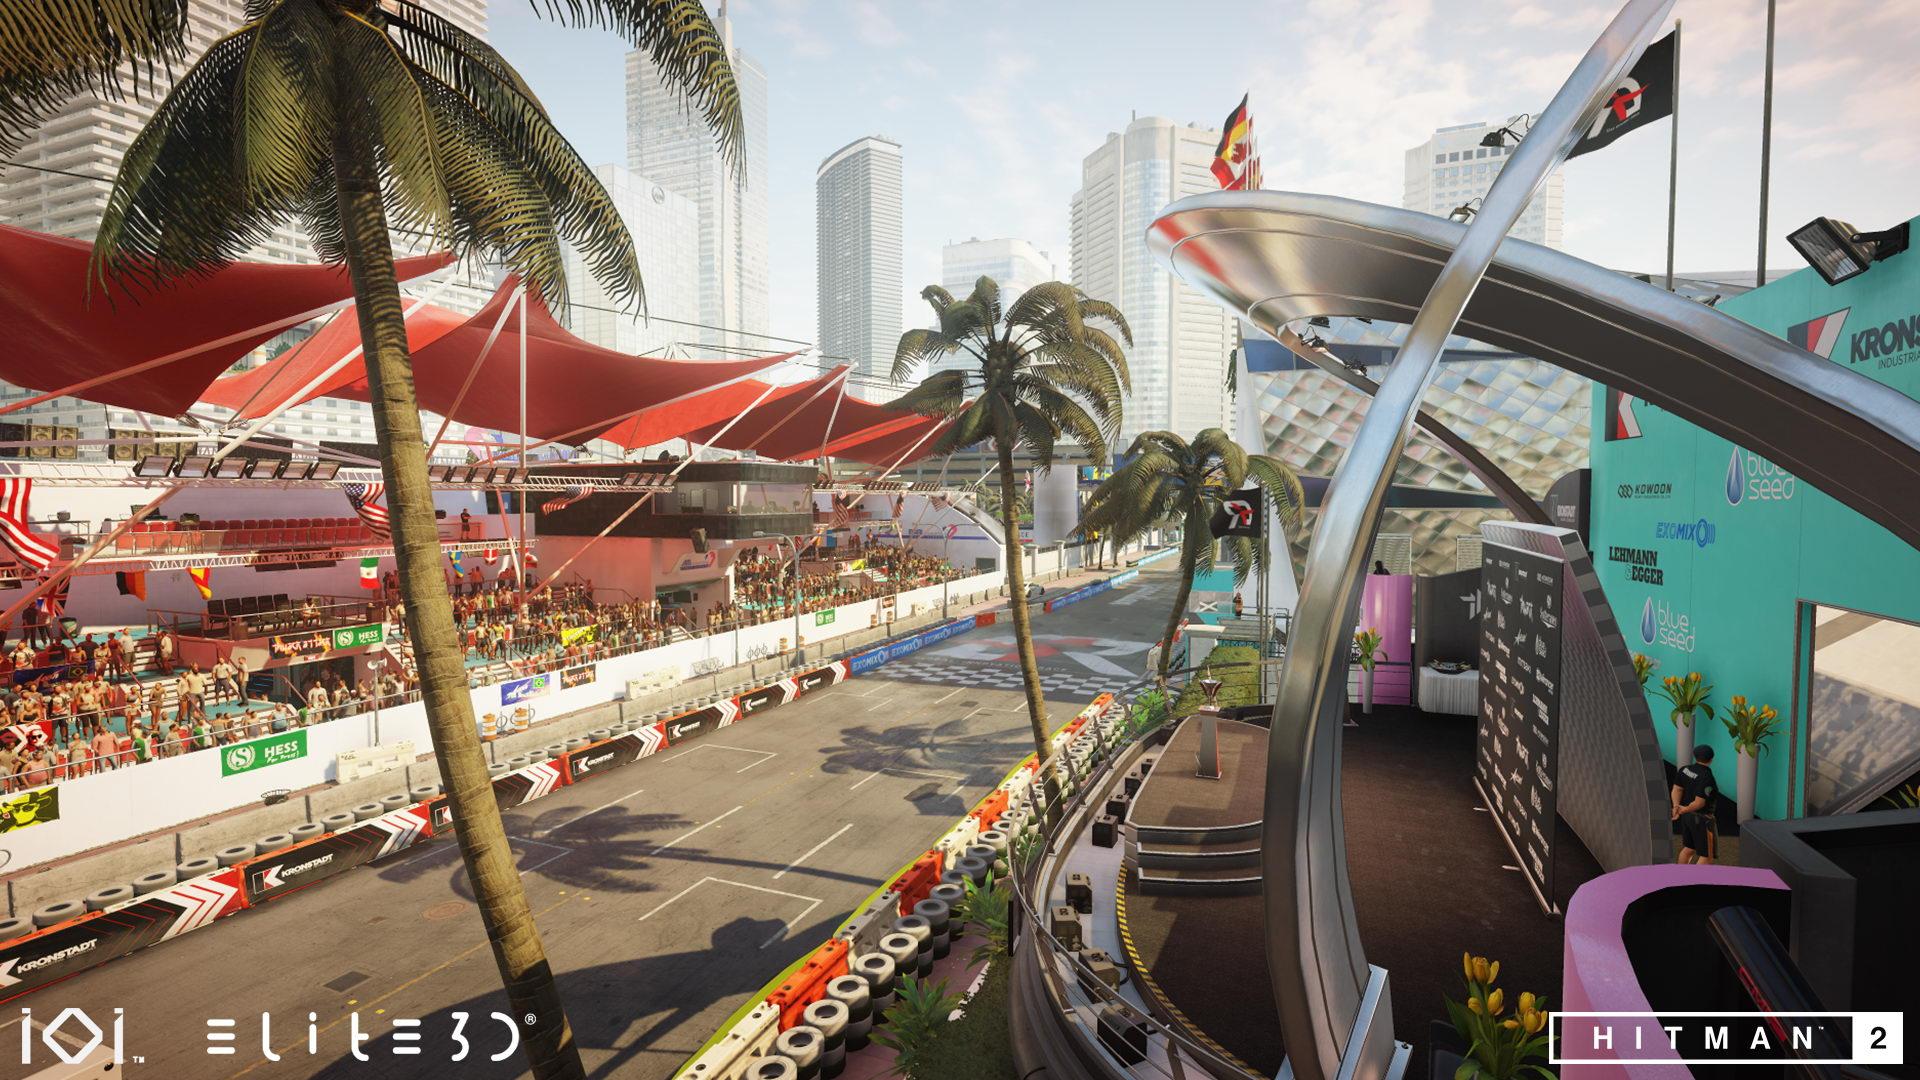 elite3d-Hitman2-Miami-01.jpg